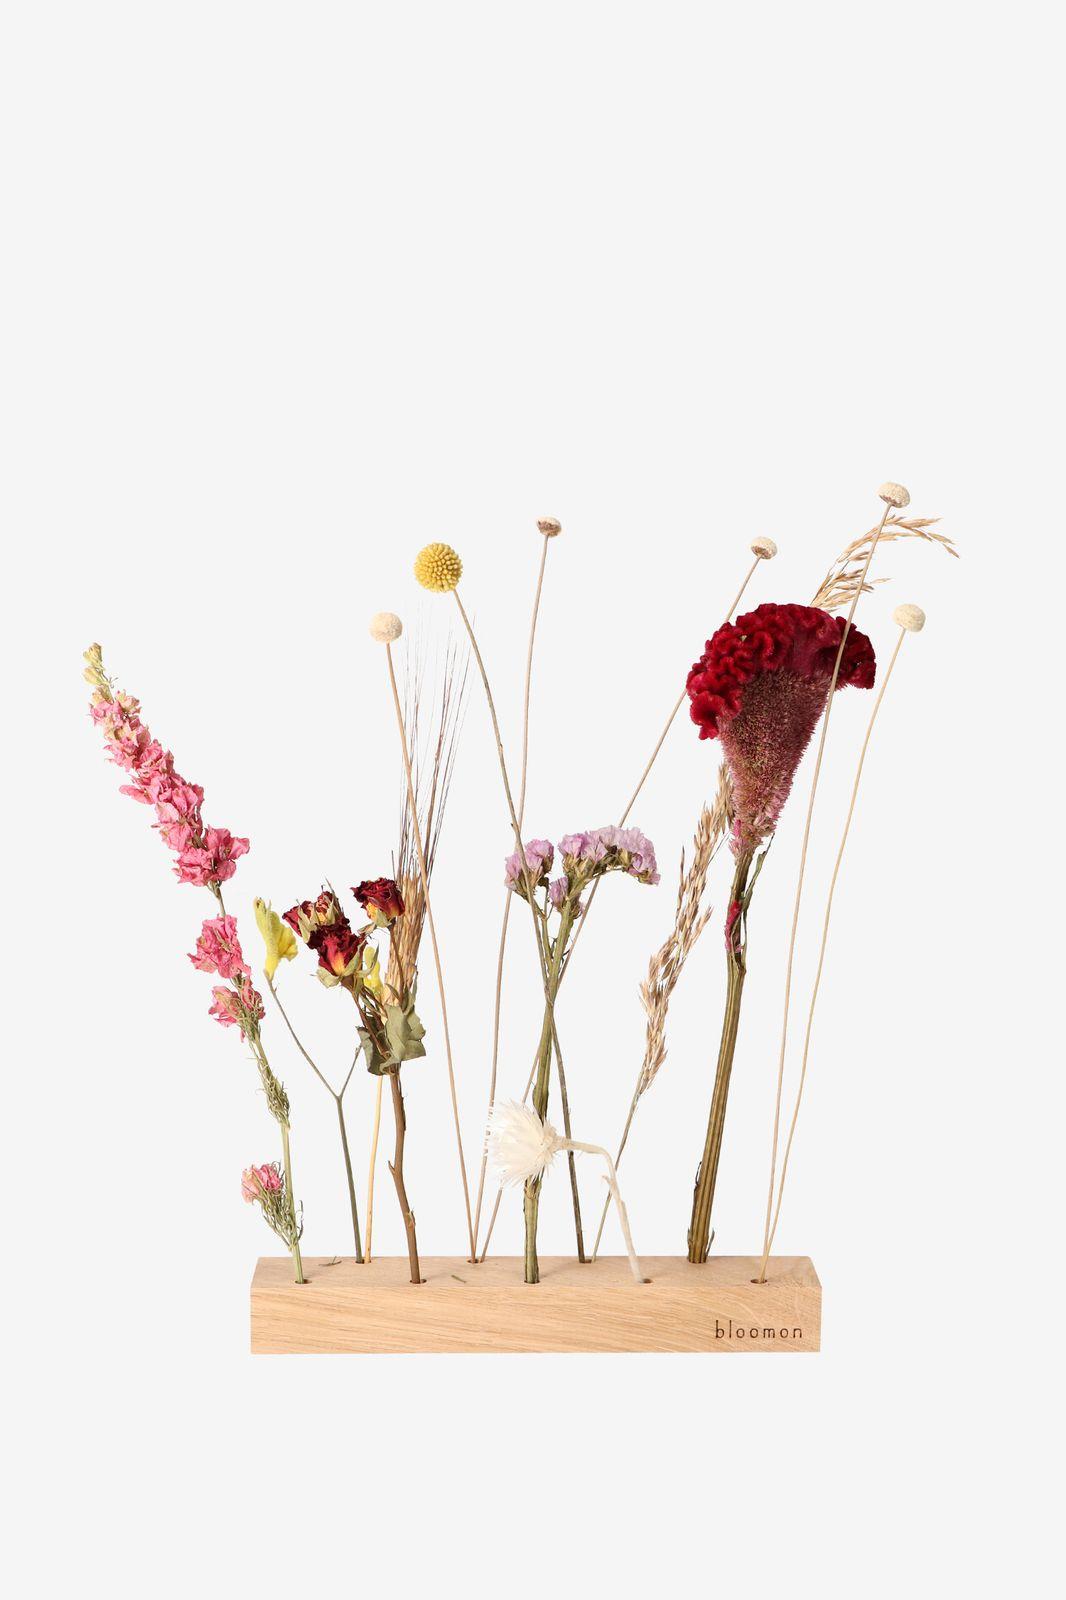 Bloomon droogbloemen pink melange - Homeland | Sissy-Boy